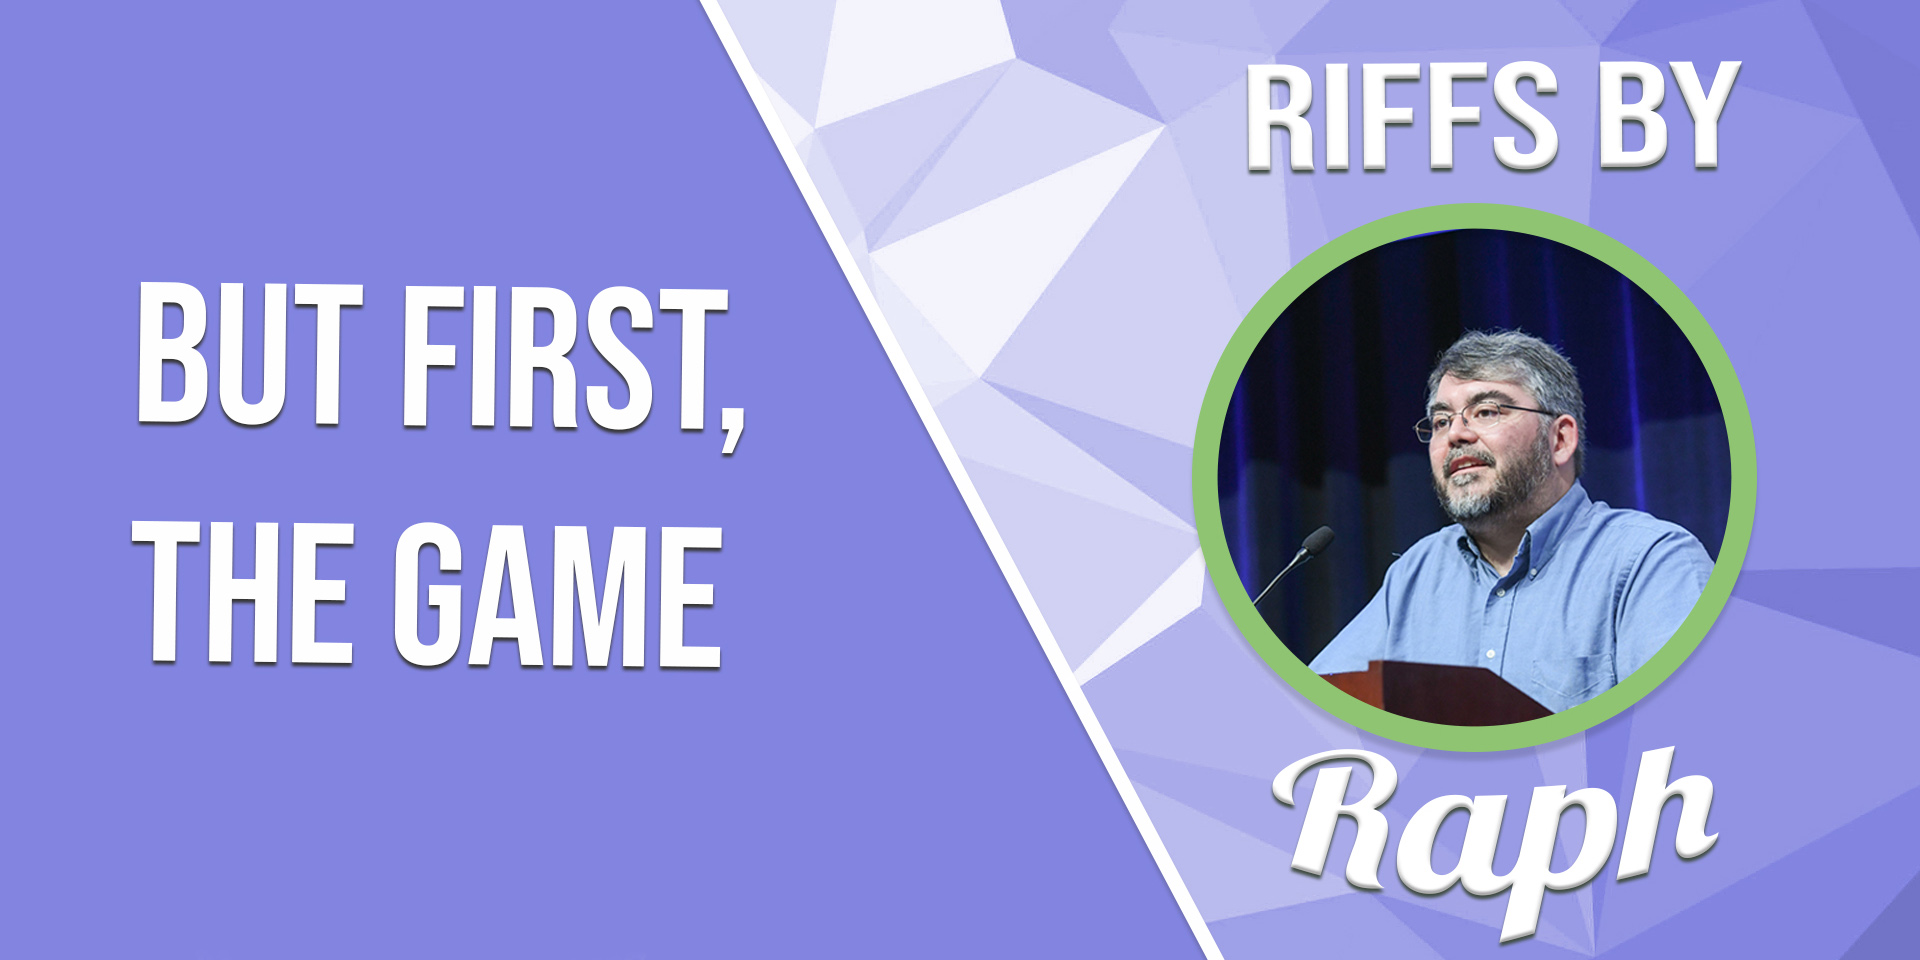 MMO-индустрия: Раф Костер рассказывает о том, что создаёт новую технологию прежде всего для самого себя